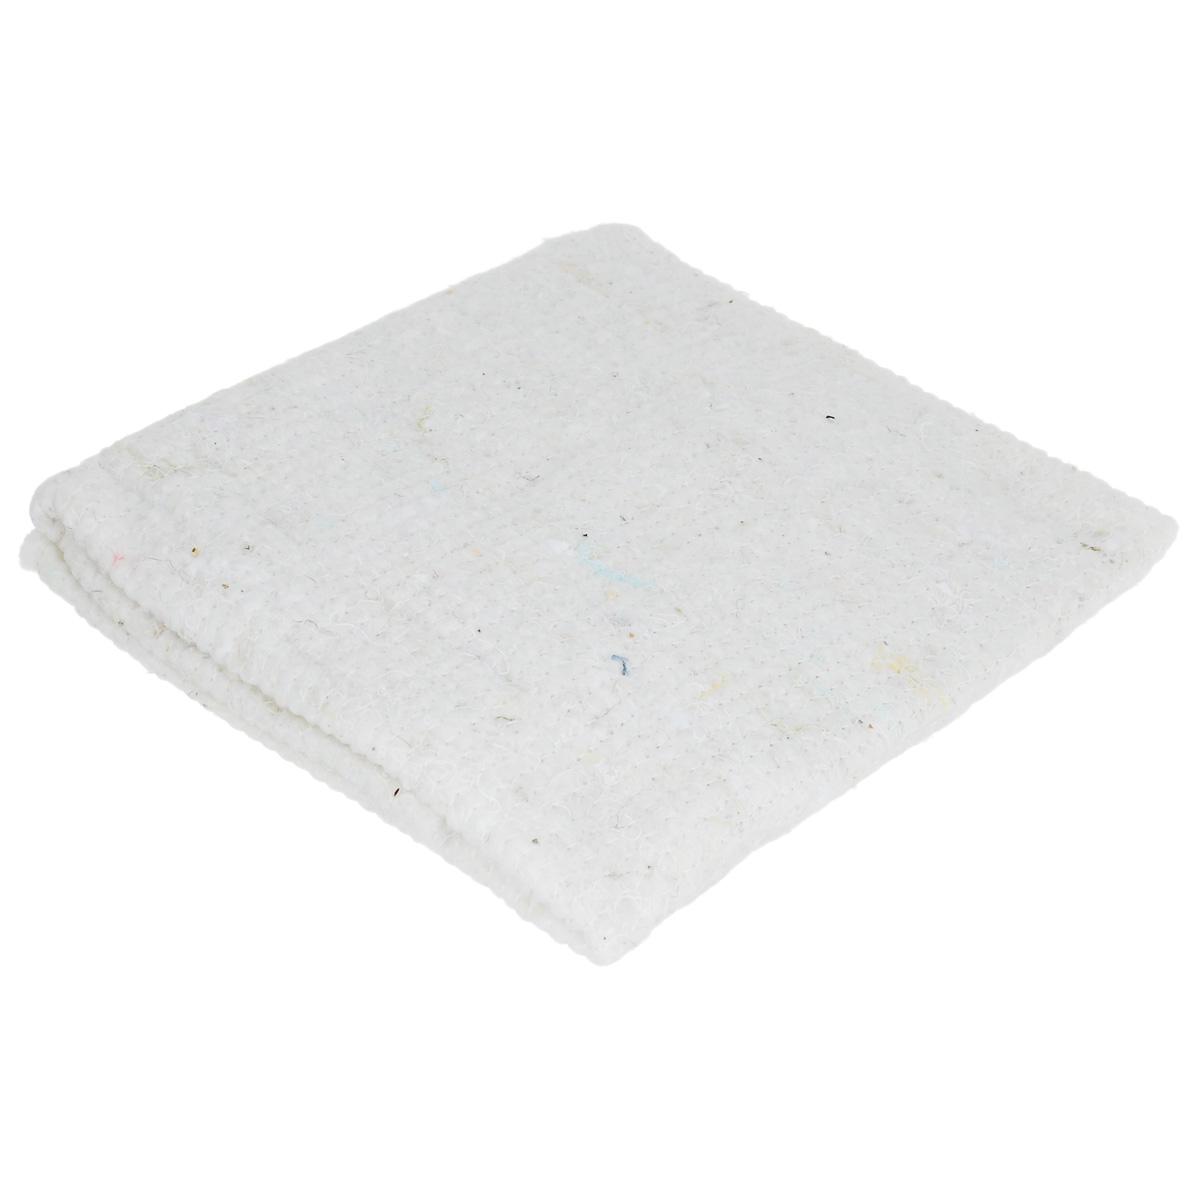 Тряпка для пола Home Queen, 50 х 60 см531-105Тряпка для пола Home Queen выполнена из хлопка и полиэстера и предназначена для мытья напольных покрытий из любых материалов. Эффективно очищает любую поверхность, отлично отжимается и имеет долгий срок службы. Тряпка хорошо впитывает влагу и не оставляет разводов.Размер тряпки: 50 см х 60 см. Материал: 80% хлопок, 20% полиэстер.